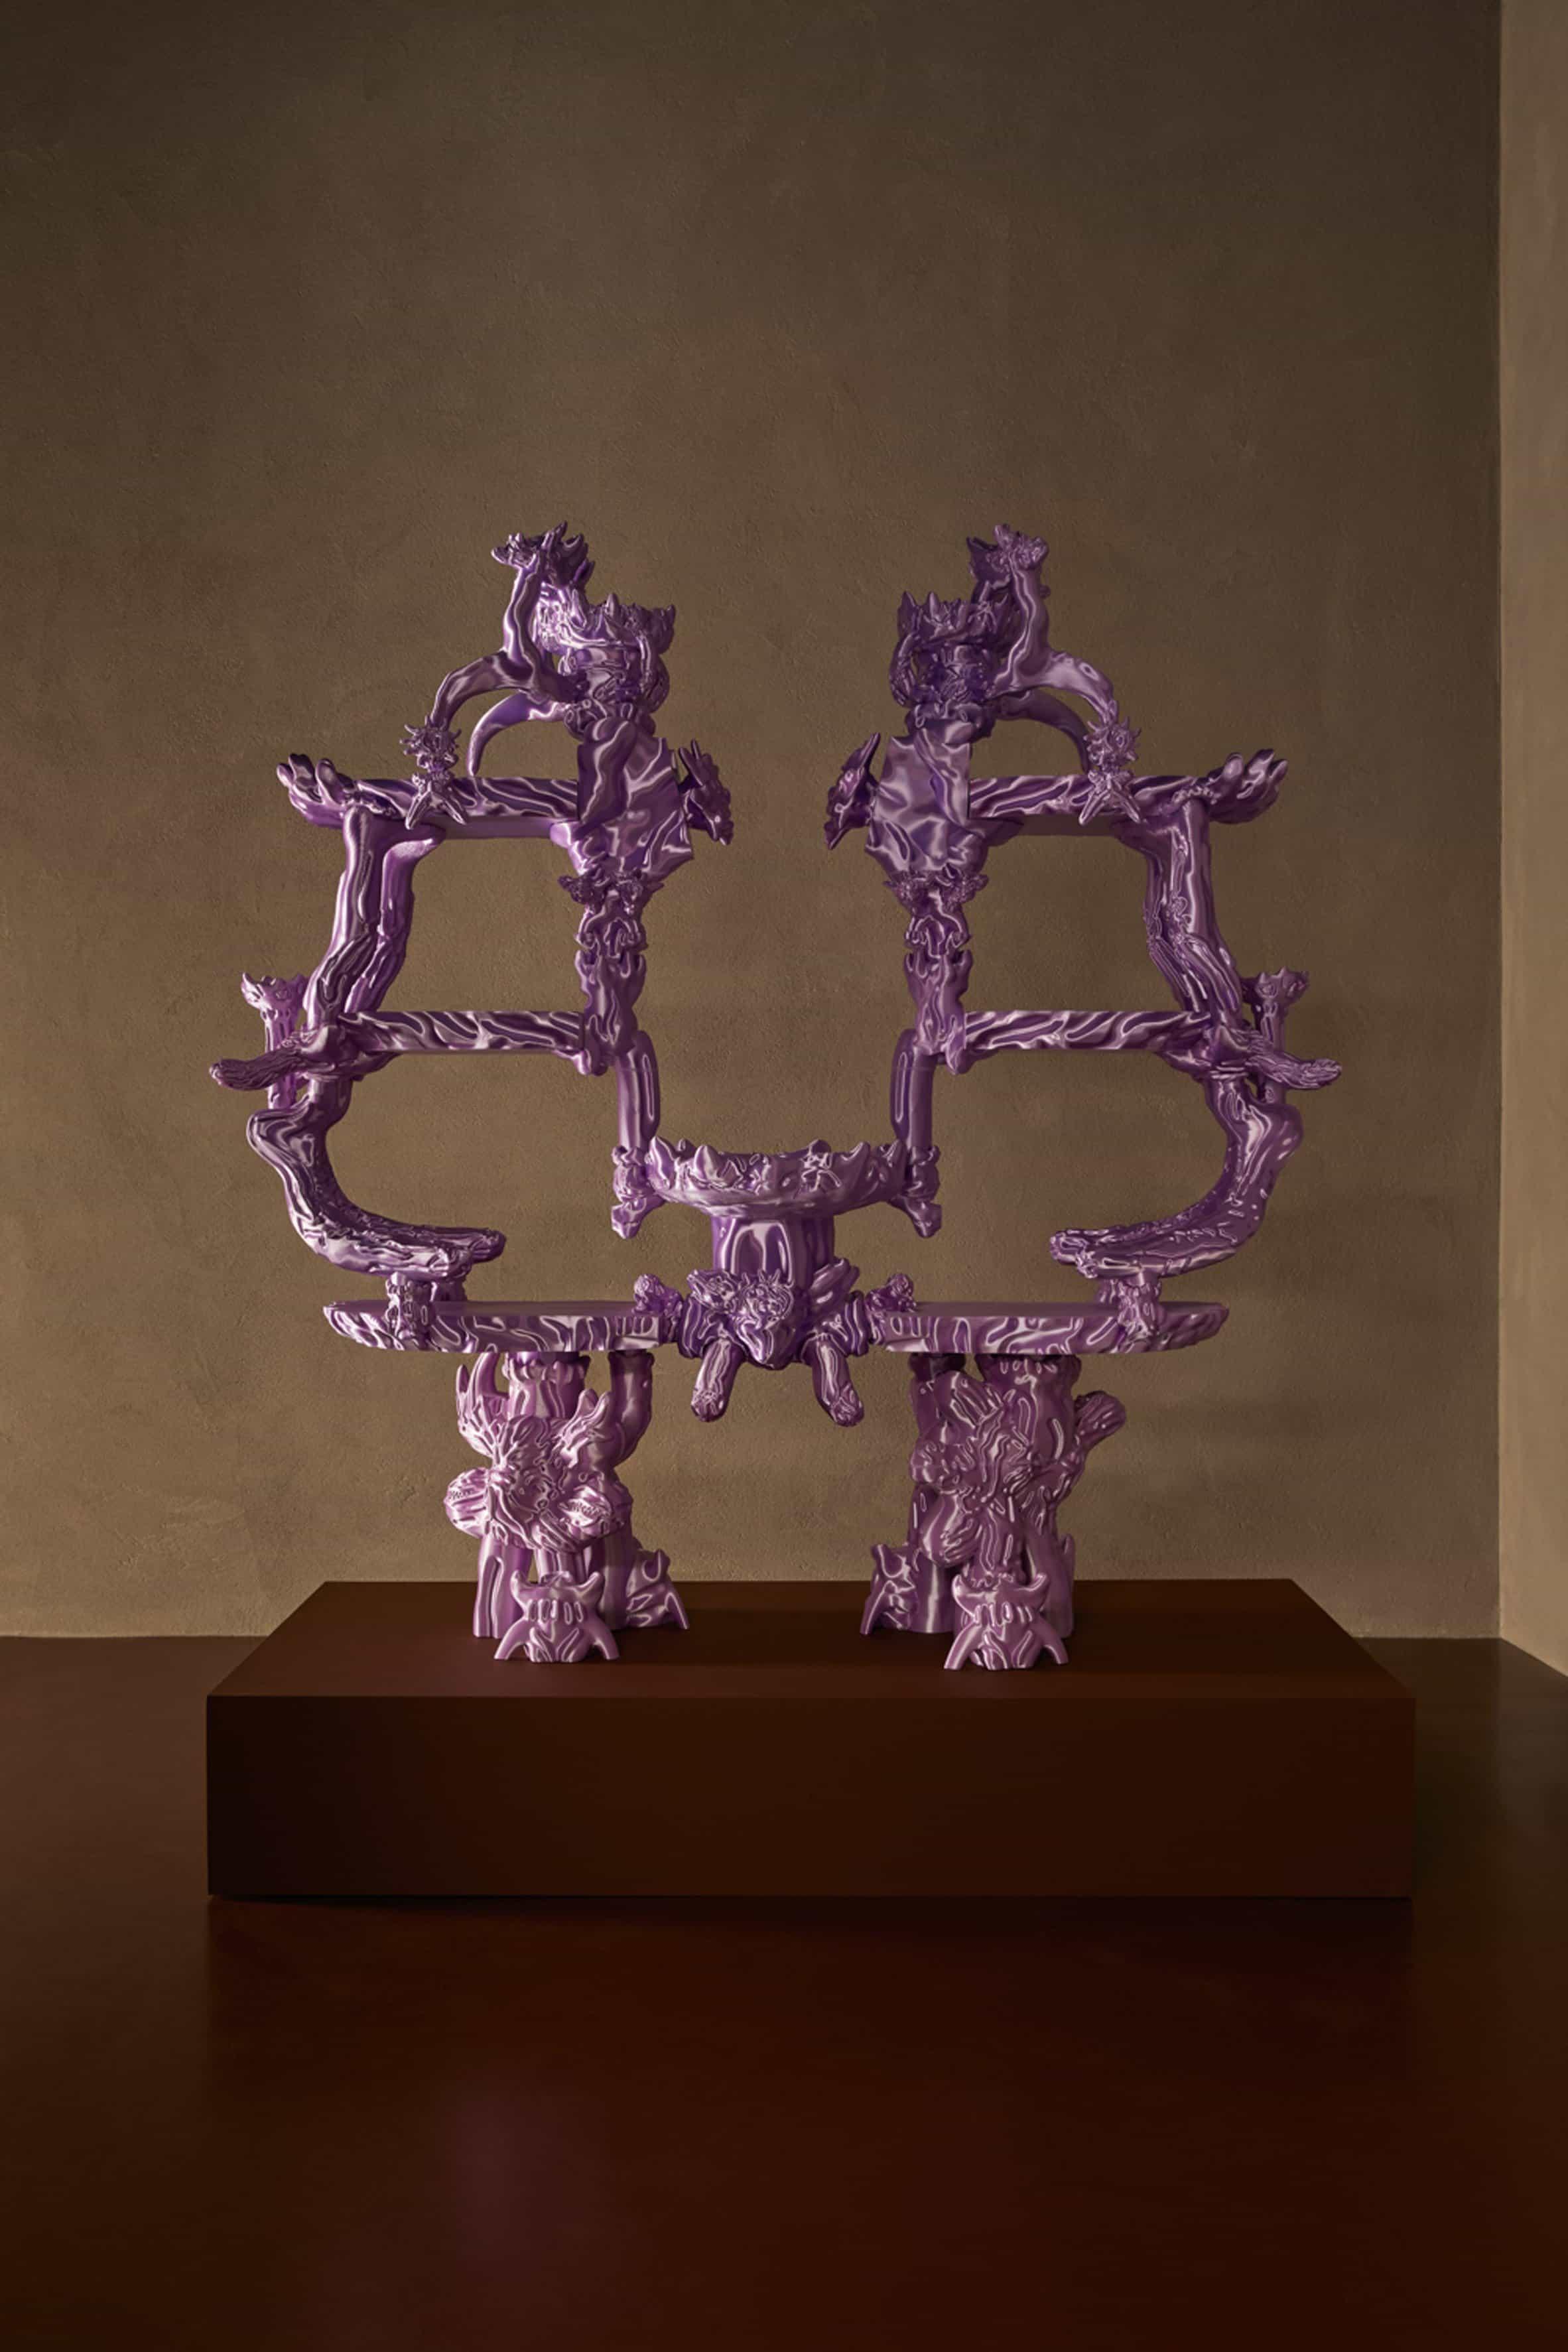 Escultura impresa en 3D por Audrey Large